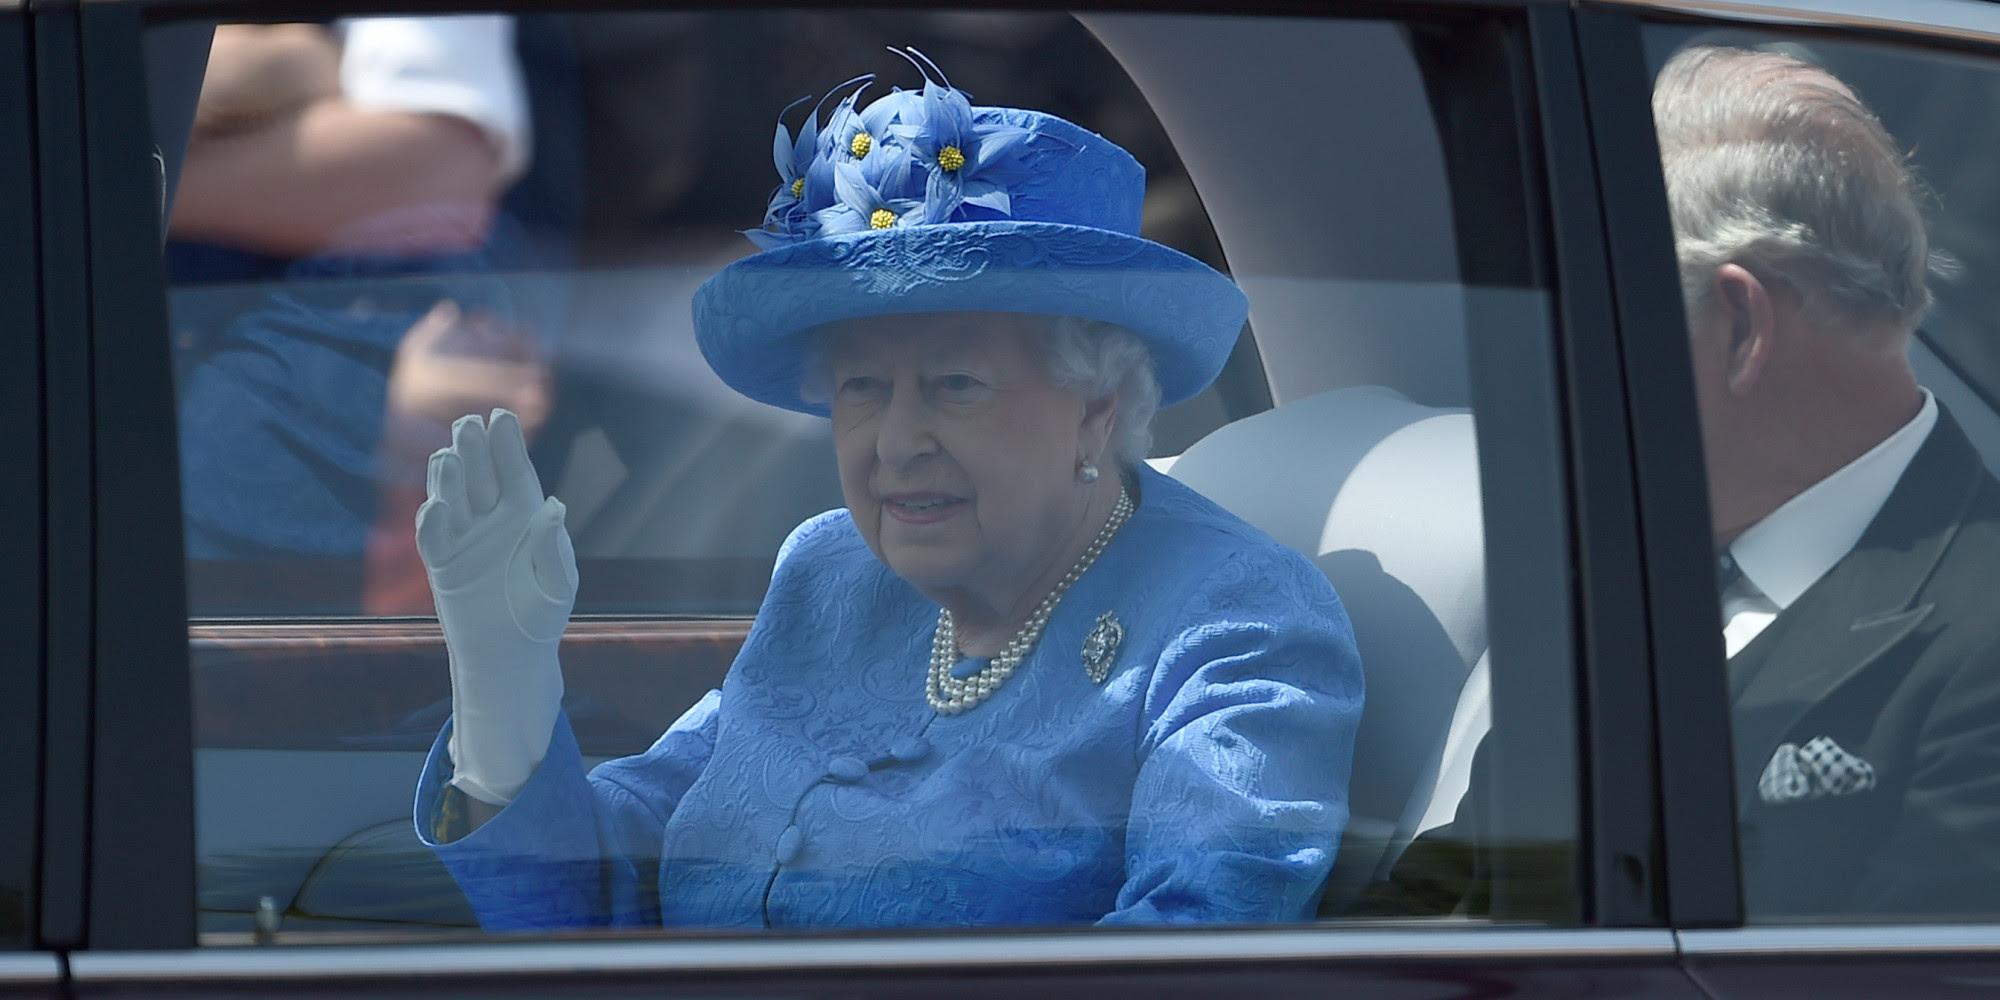 Αποτέλεσμα εικόνας για βασιλισσα βρετανιας δεν φορουσε ζωνη